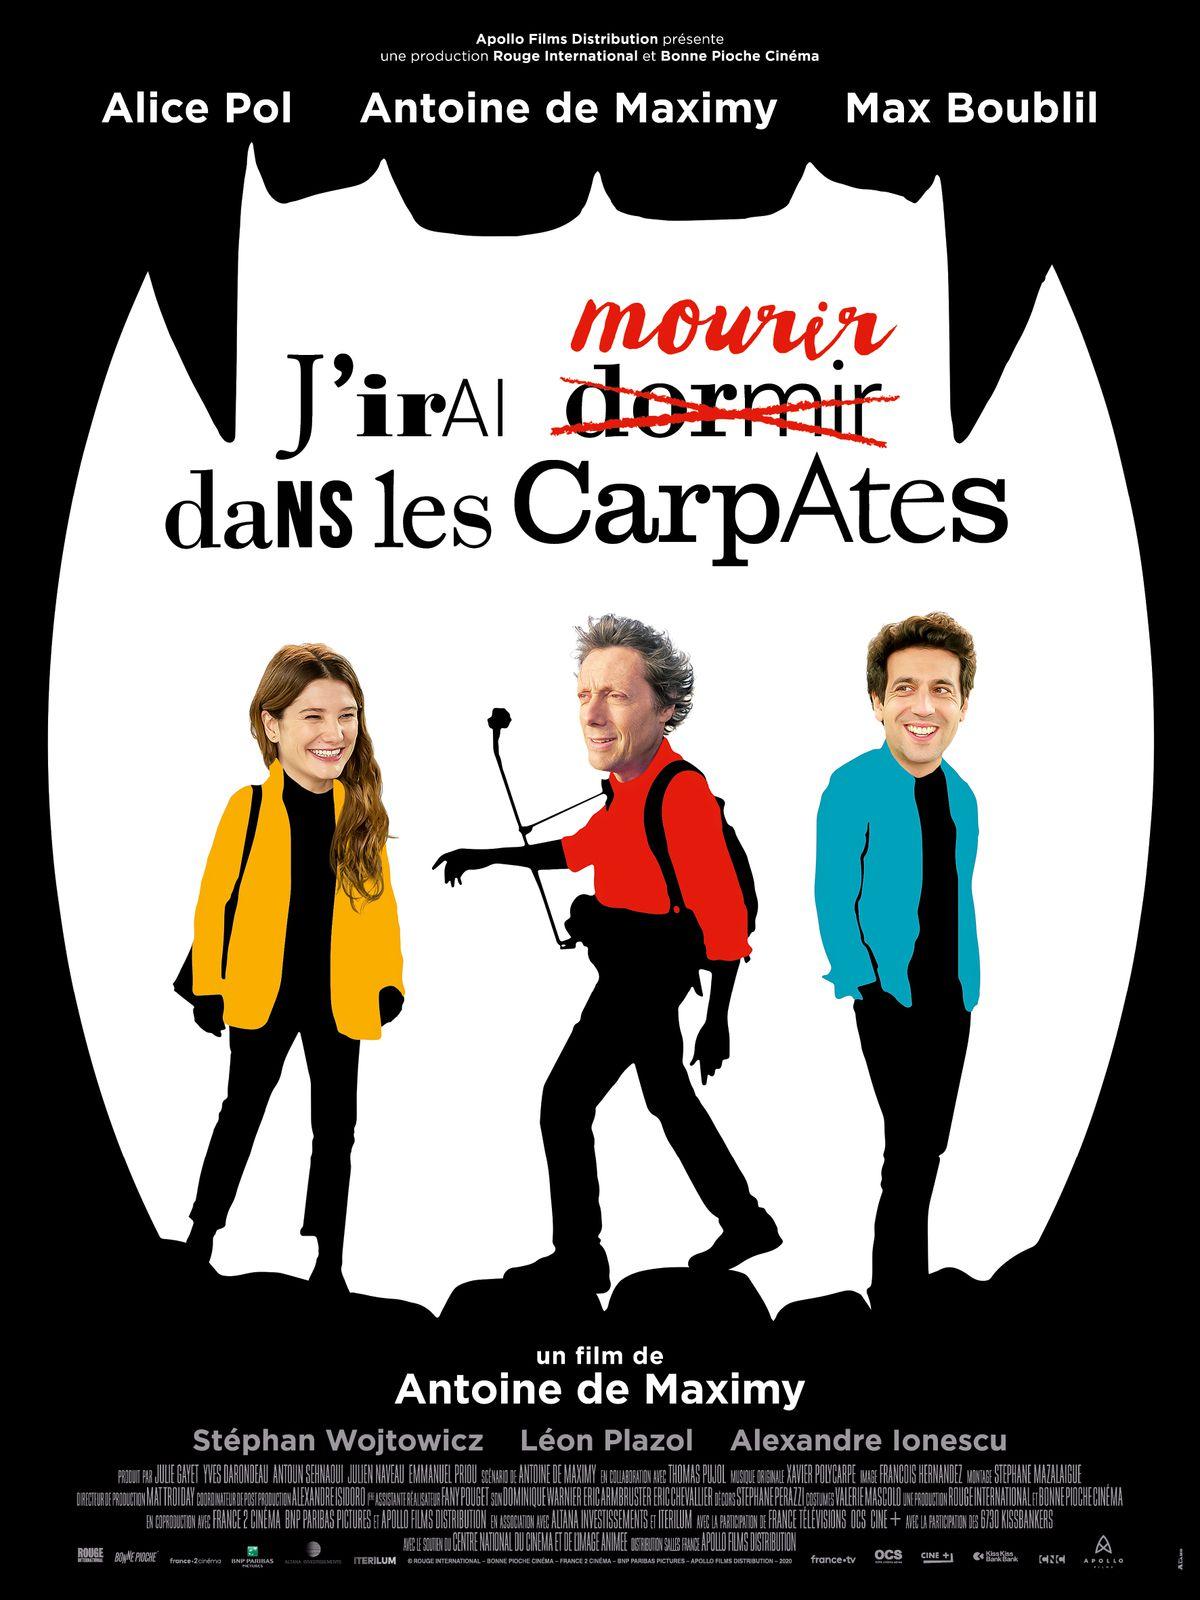 J'IRAI MOURIR DANS LES CARPATES d'Antoine de Maximy avecAlice Pol etMax Boublil au Cinéma le 16 Septembre 2020